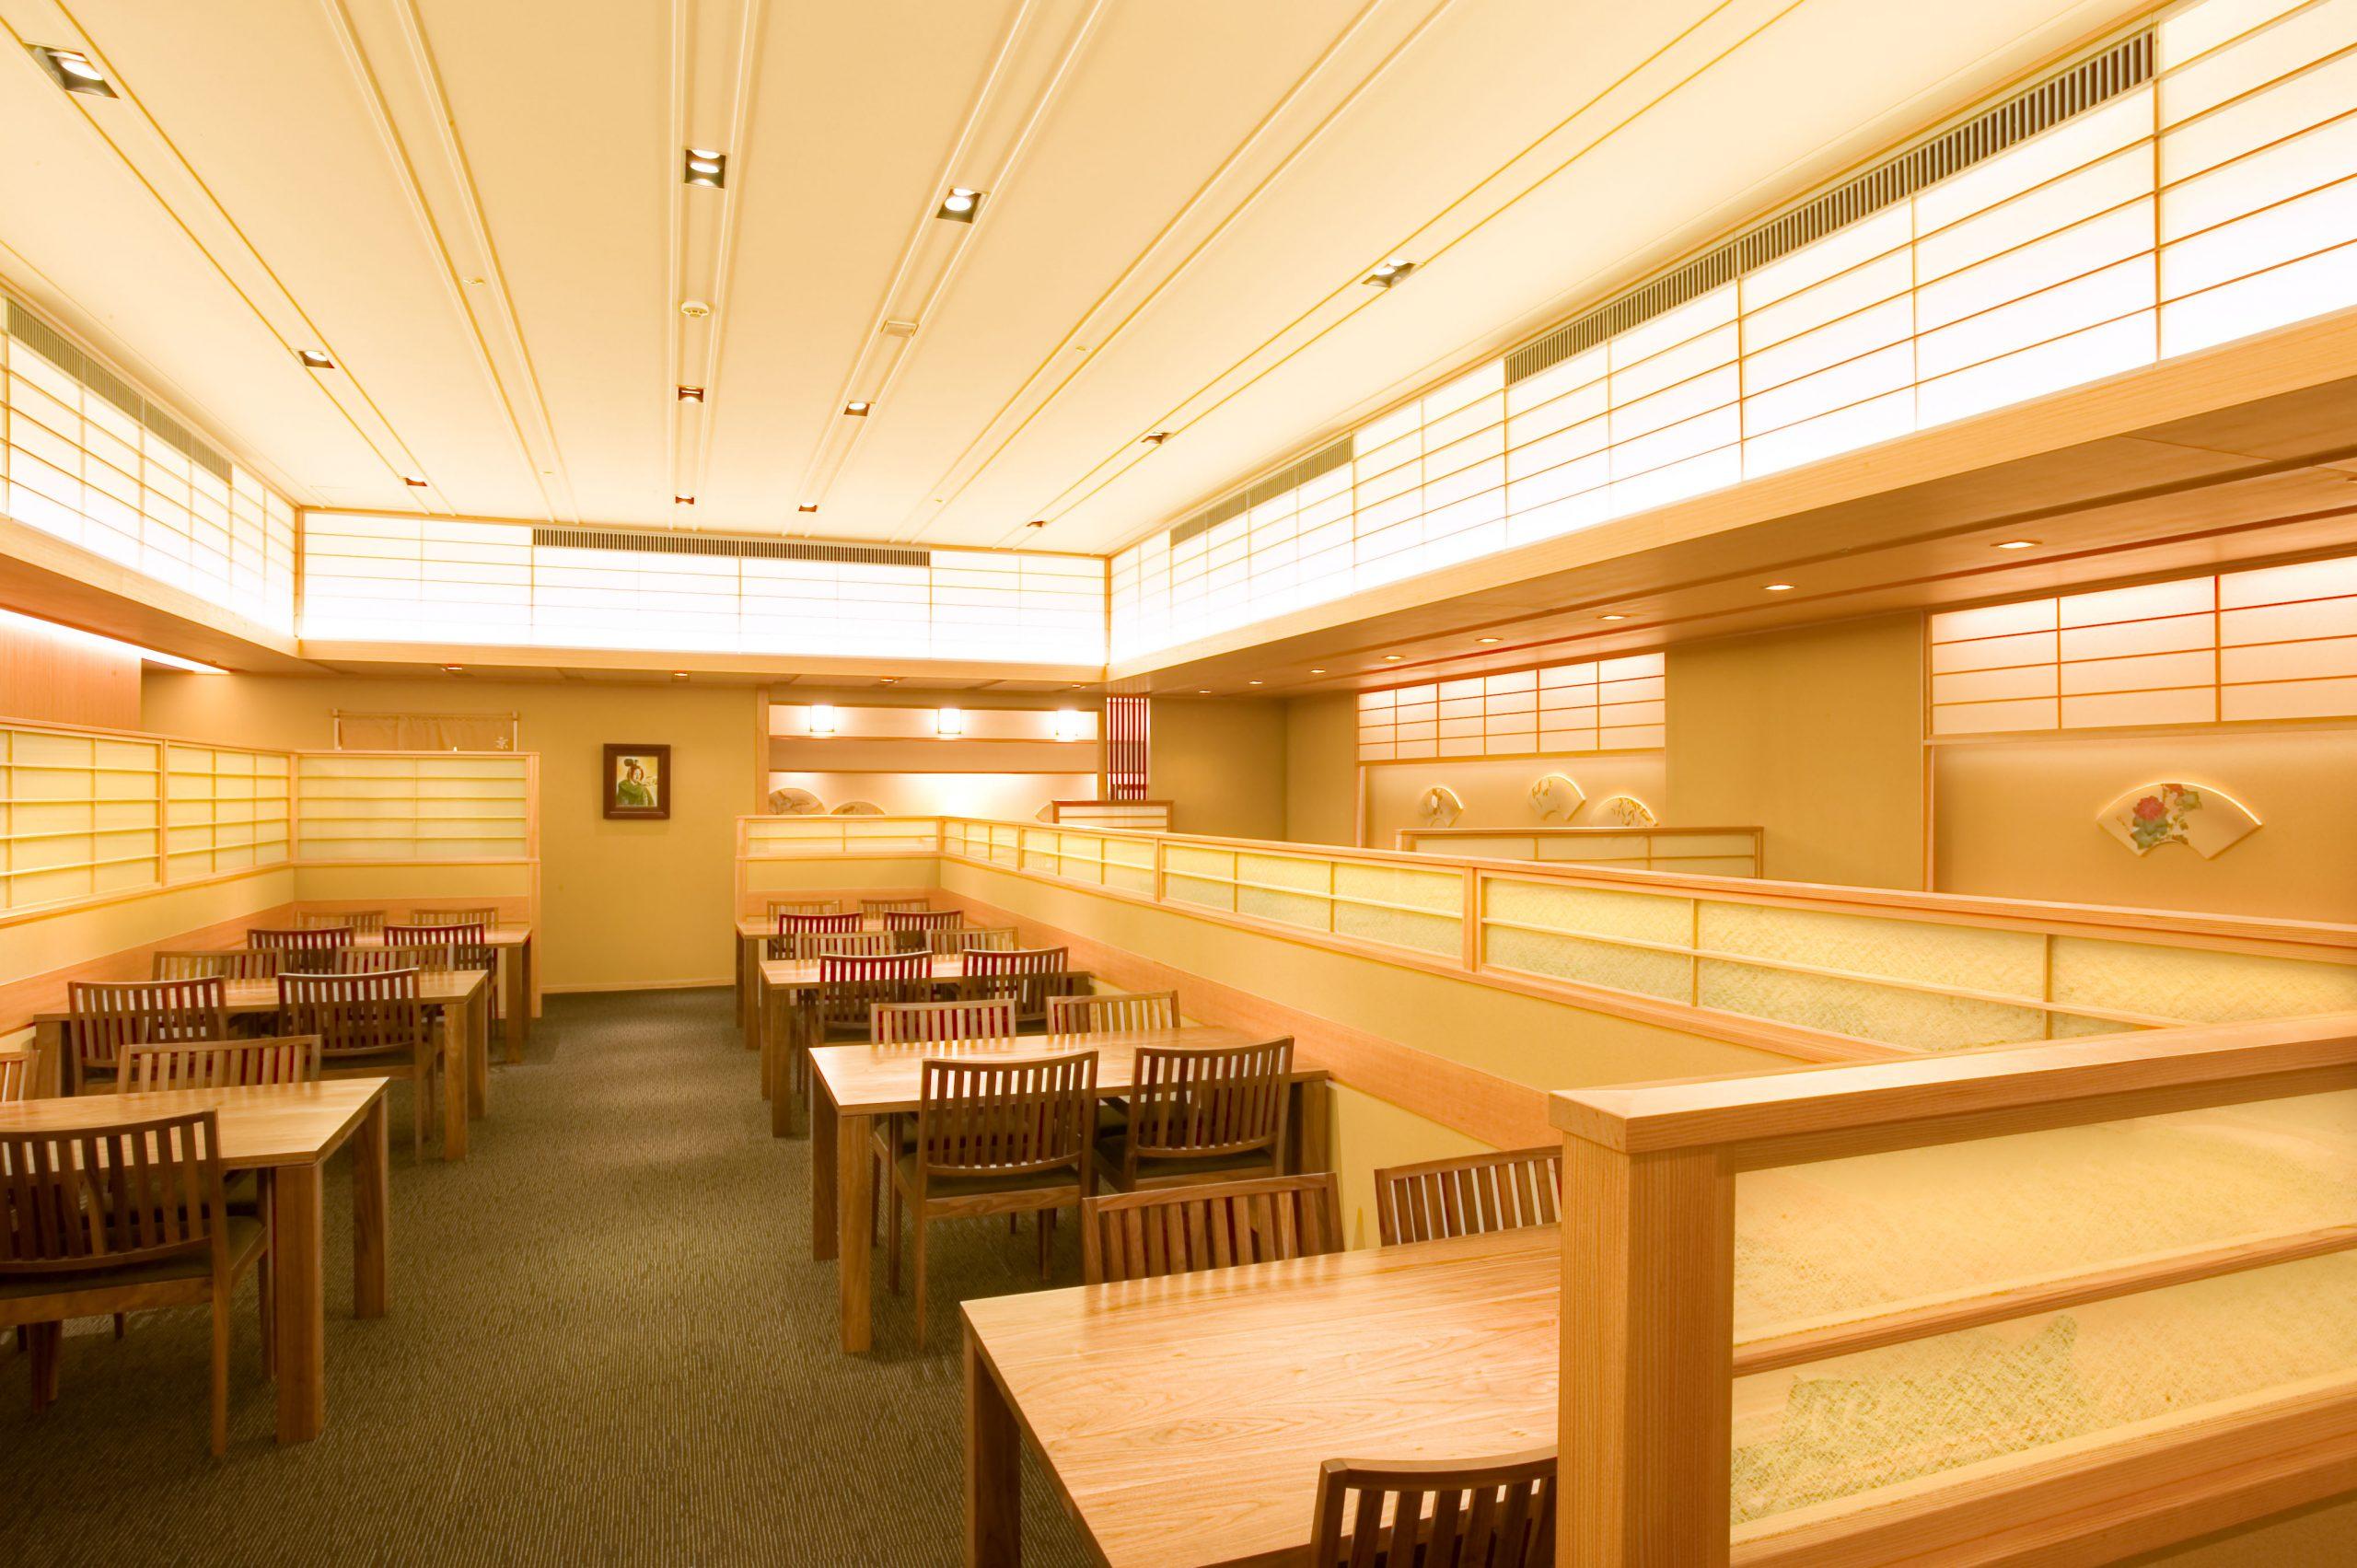 京料理「たん熊 北店」Directed by M.Kurisu:板前の心意気を目の前で楽しむことのできる板前割烹